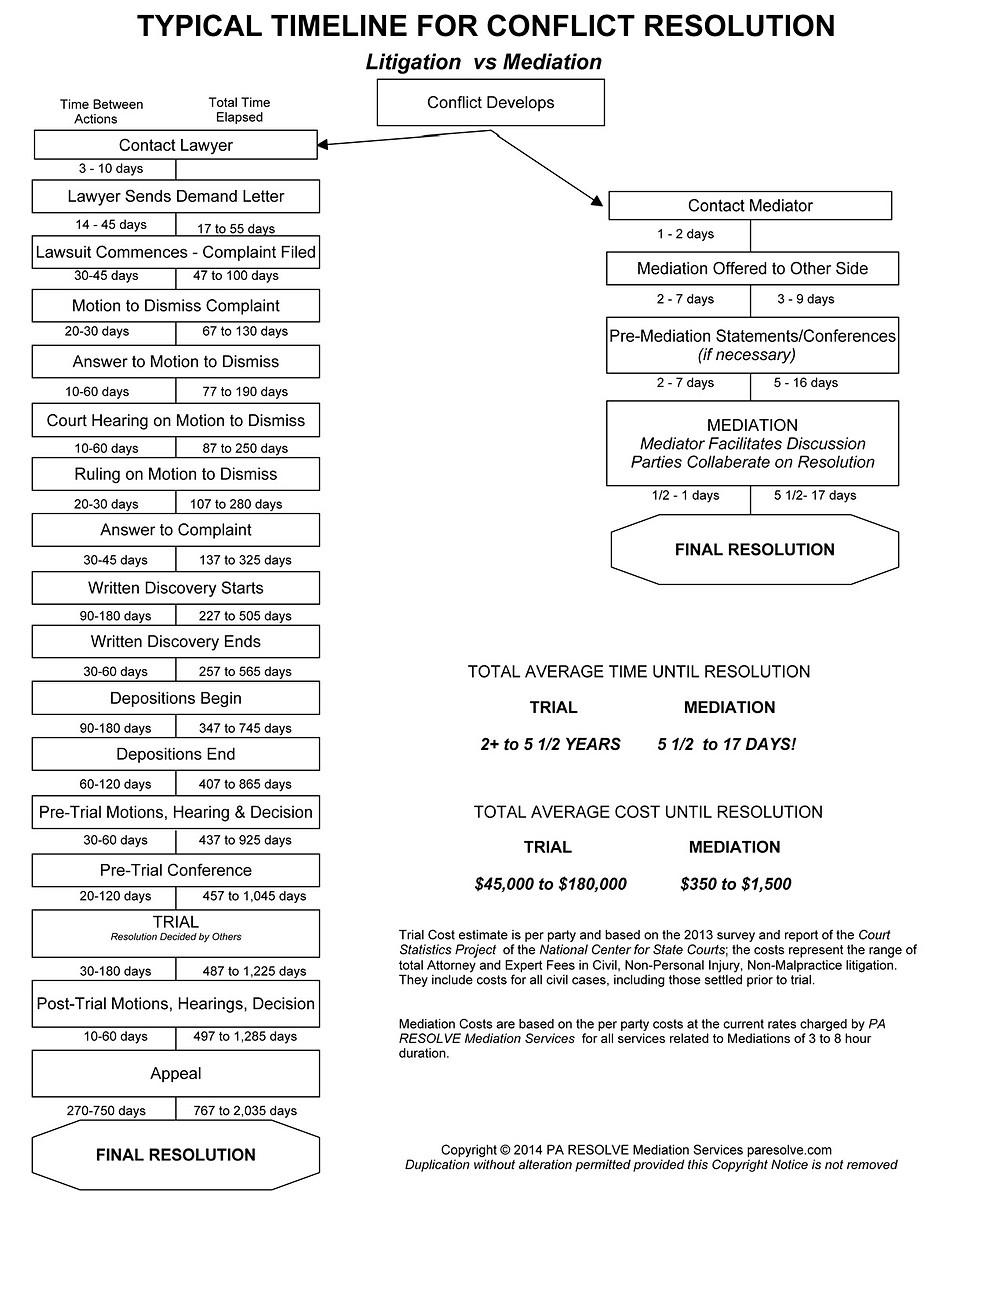 Timeline Mediation vs Litigation.jpg